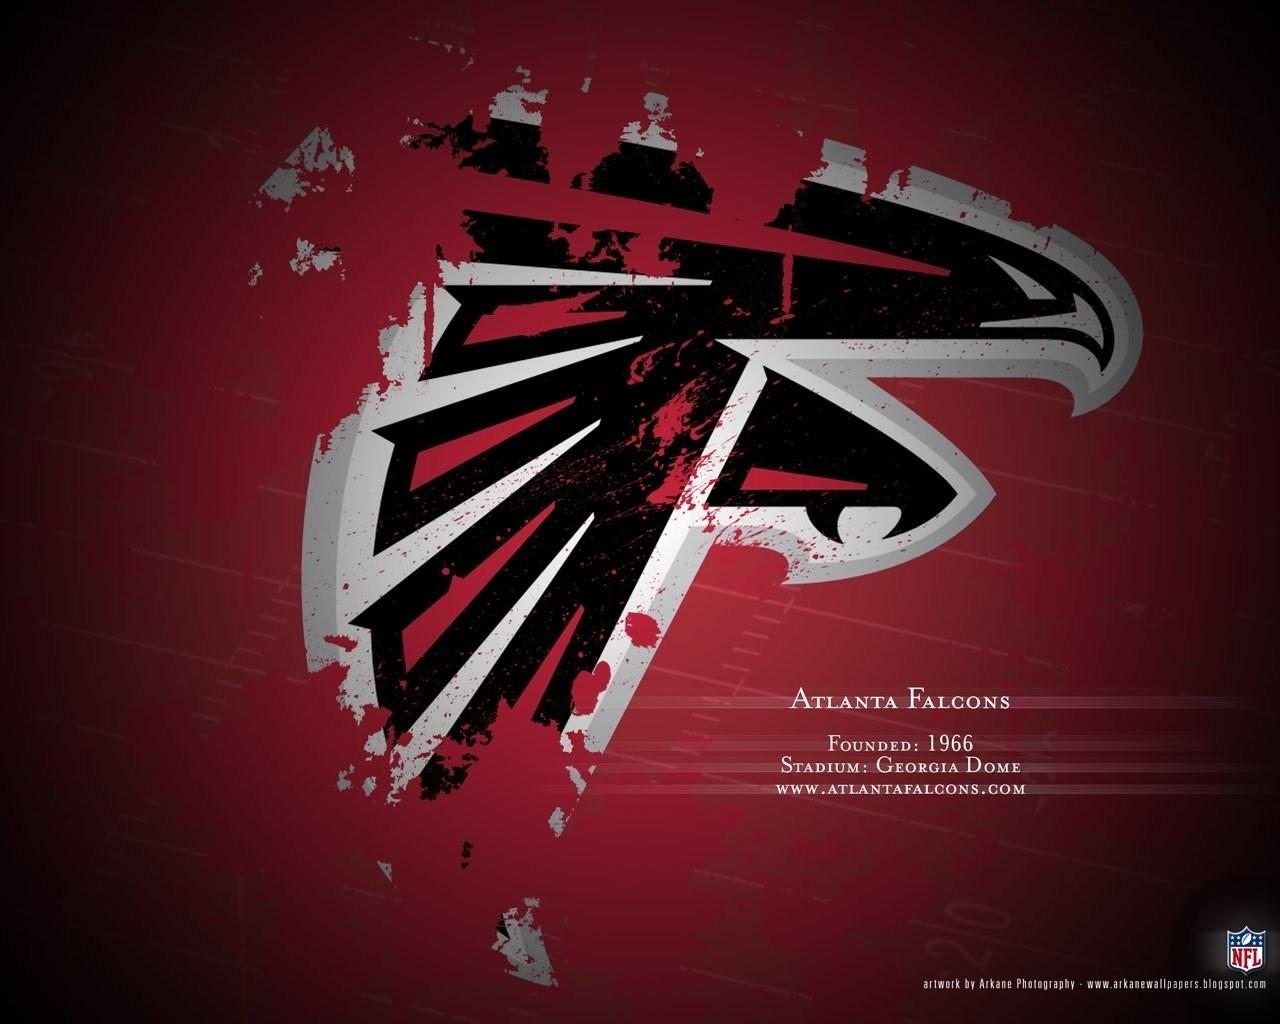 atlanta falcons images atlanta falcons hd wallpaper and background